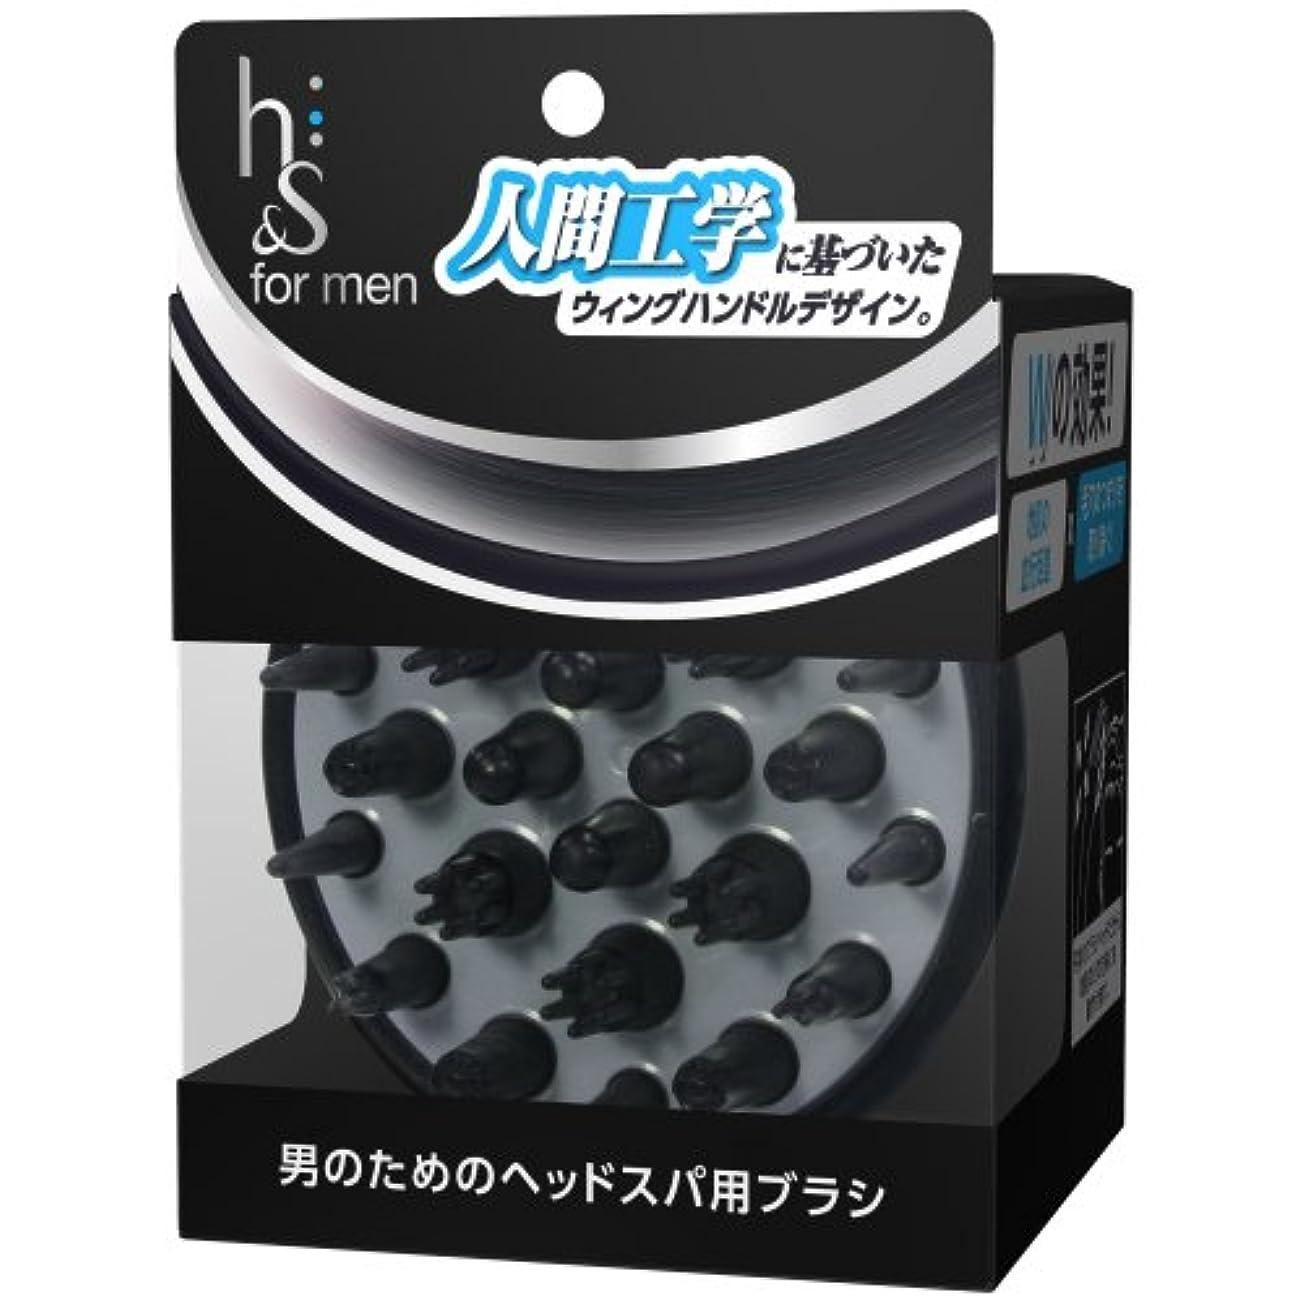 標高無許可永久にh&s for men 男のためのヘッドスパ用ブラシ